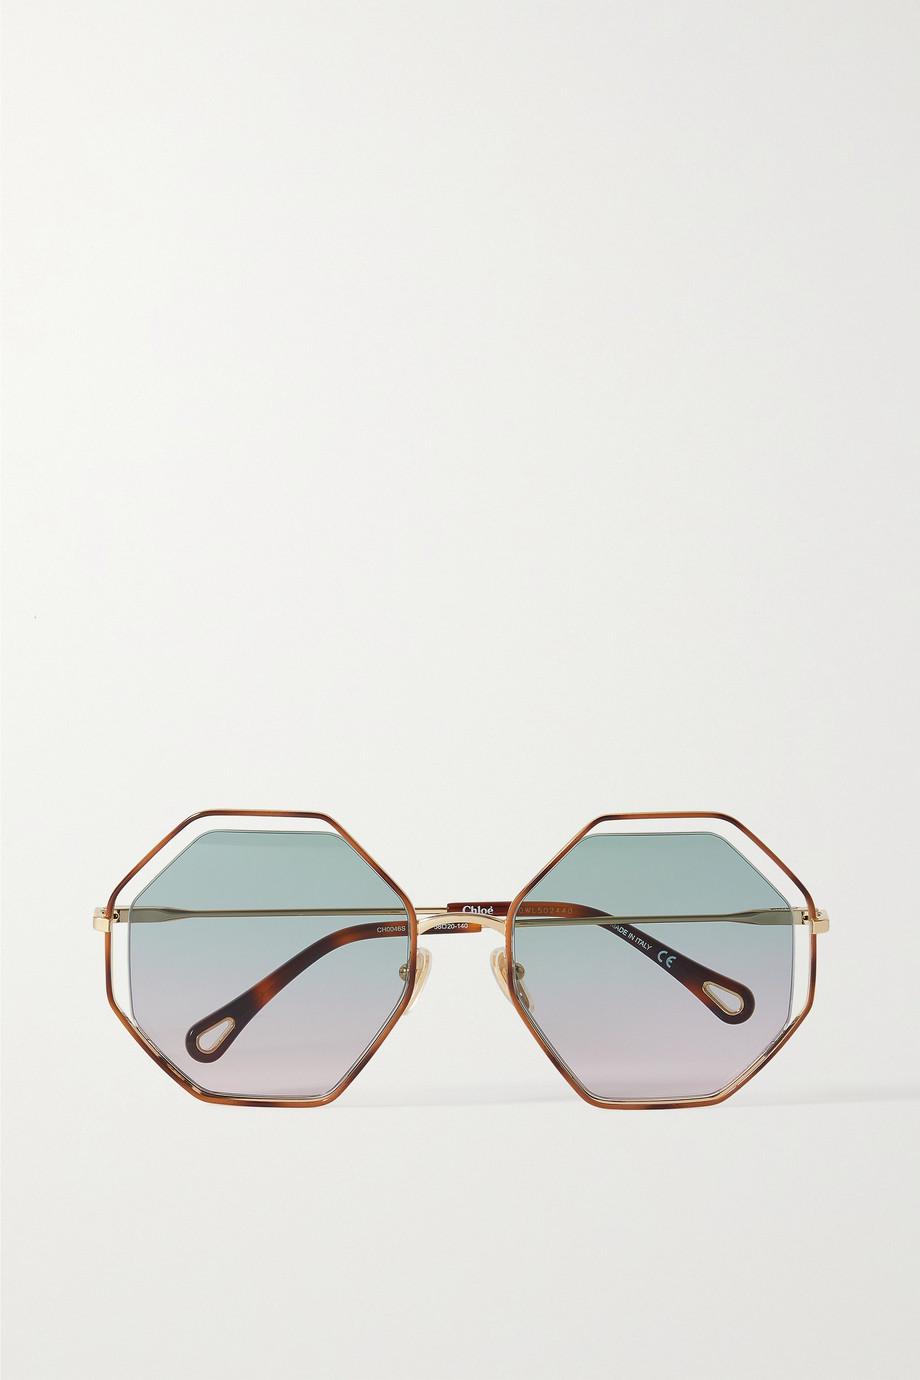 Chloé Poppy goldfarbene Sonnenbrille mit achteckigem Rahmen